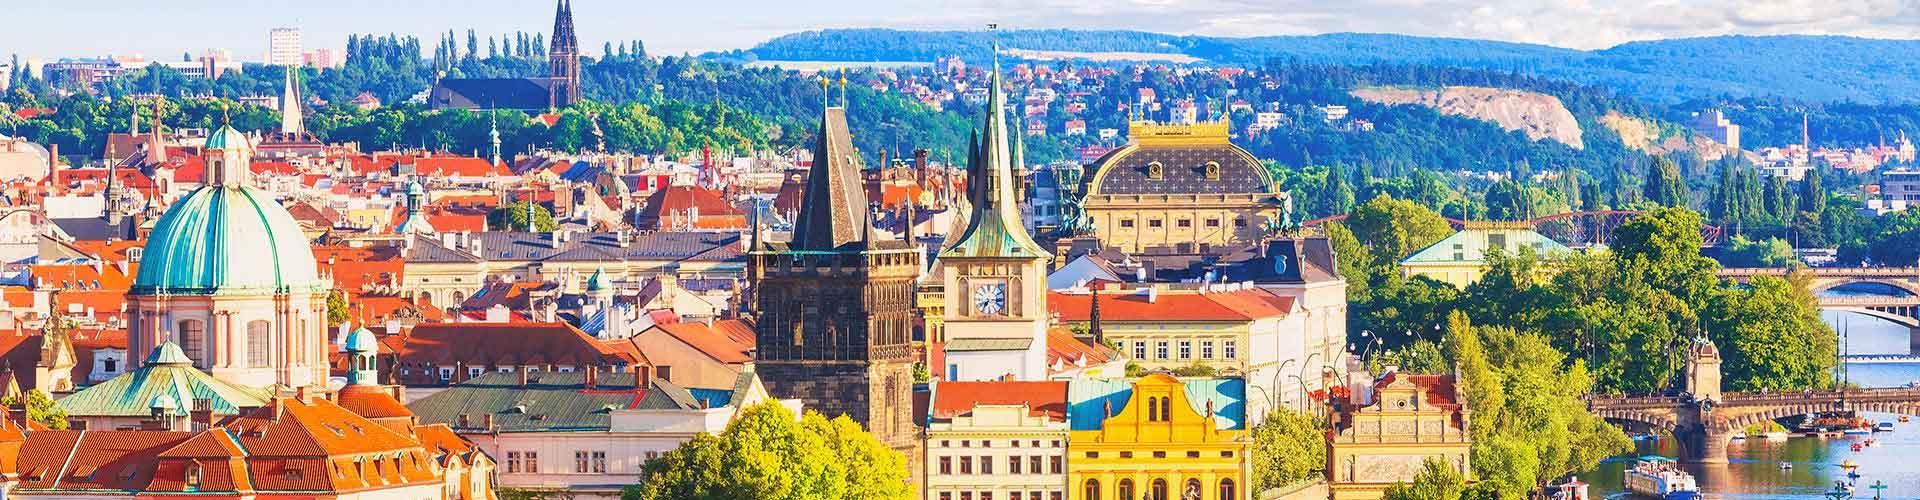 프라하 - Prague 12 지구의 호스텔. 프라하의 지도, 프라하에 위치한 호스텔 사진 및 후기 정보.